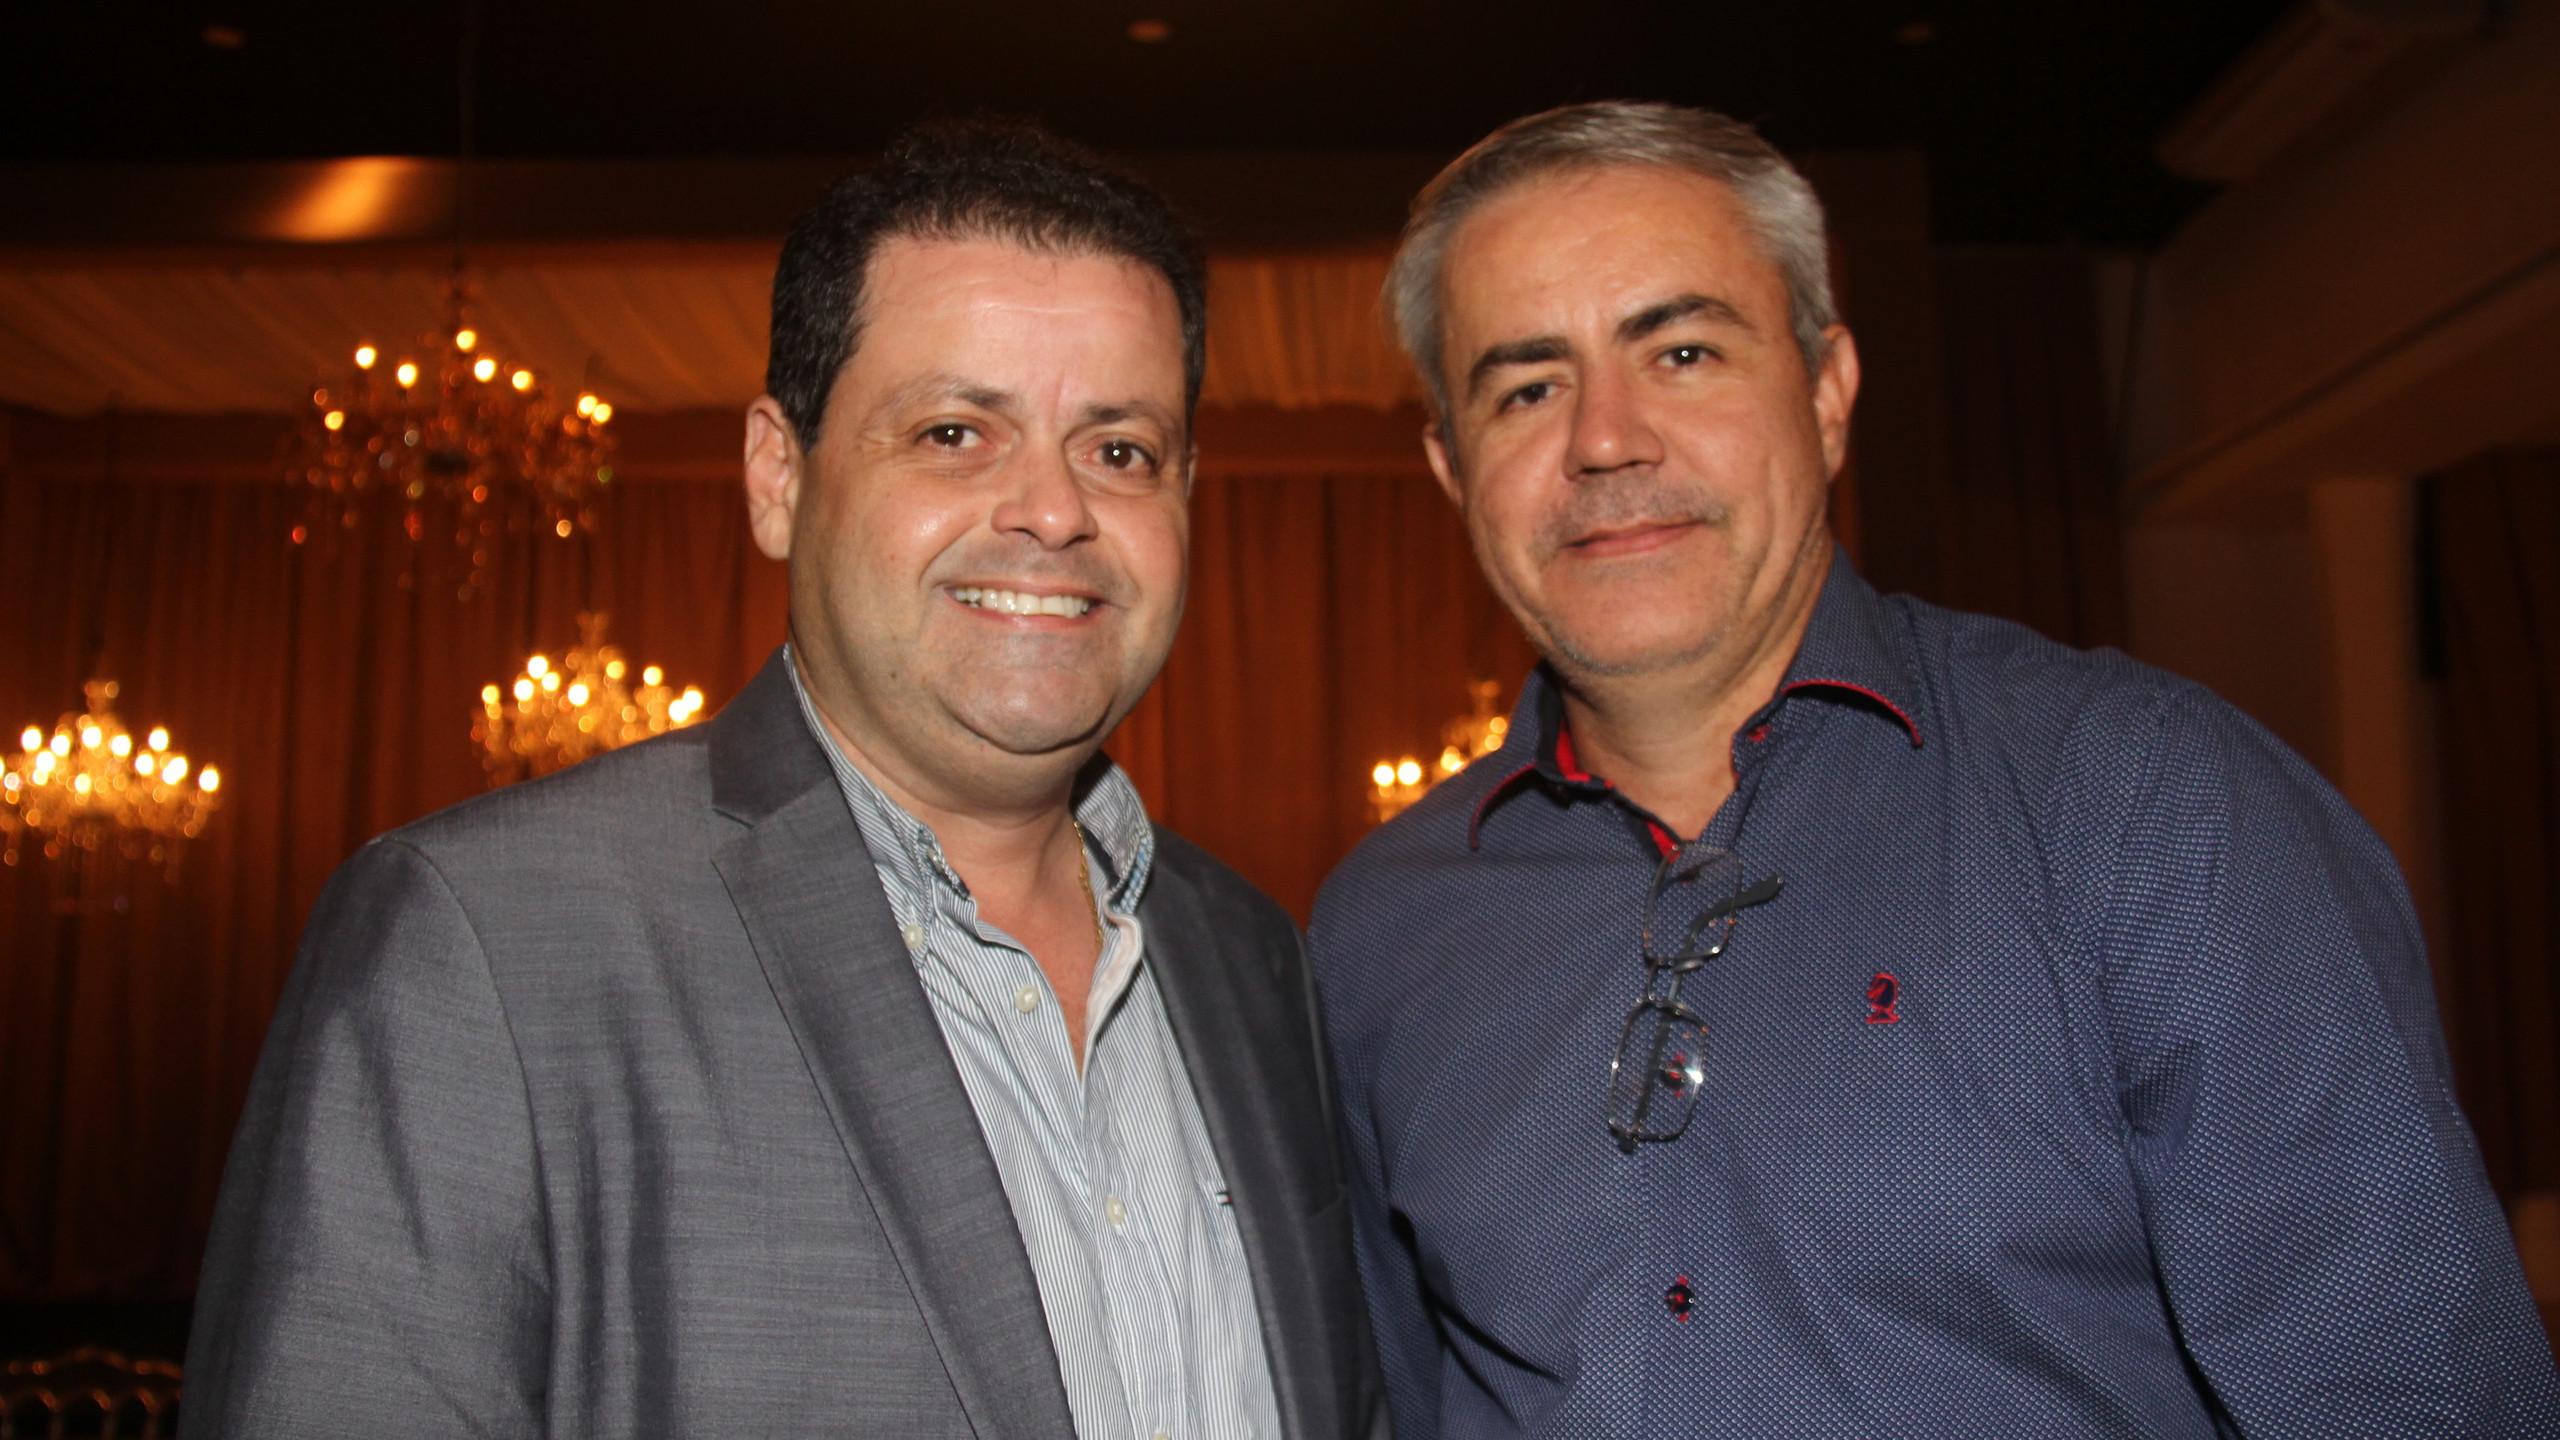 O Dir. da CDL SLZ Daniel Albuquerque com o empresário José Américo Ramos.